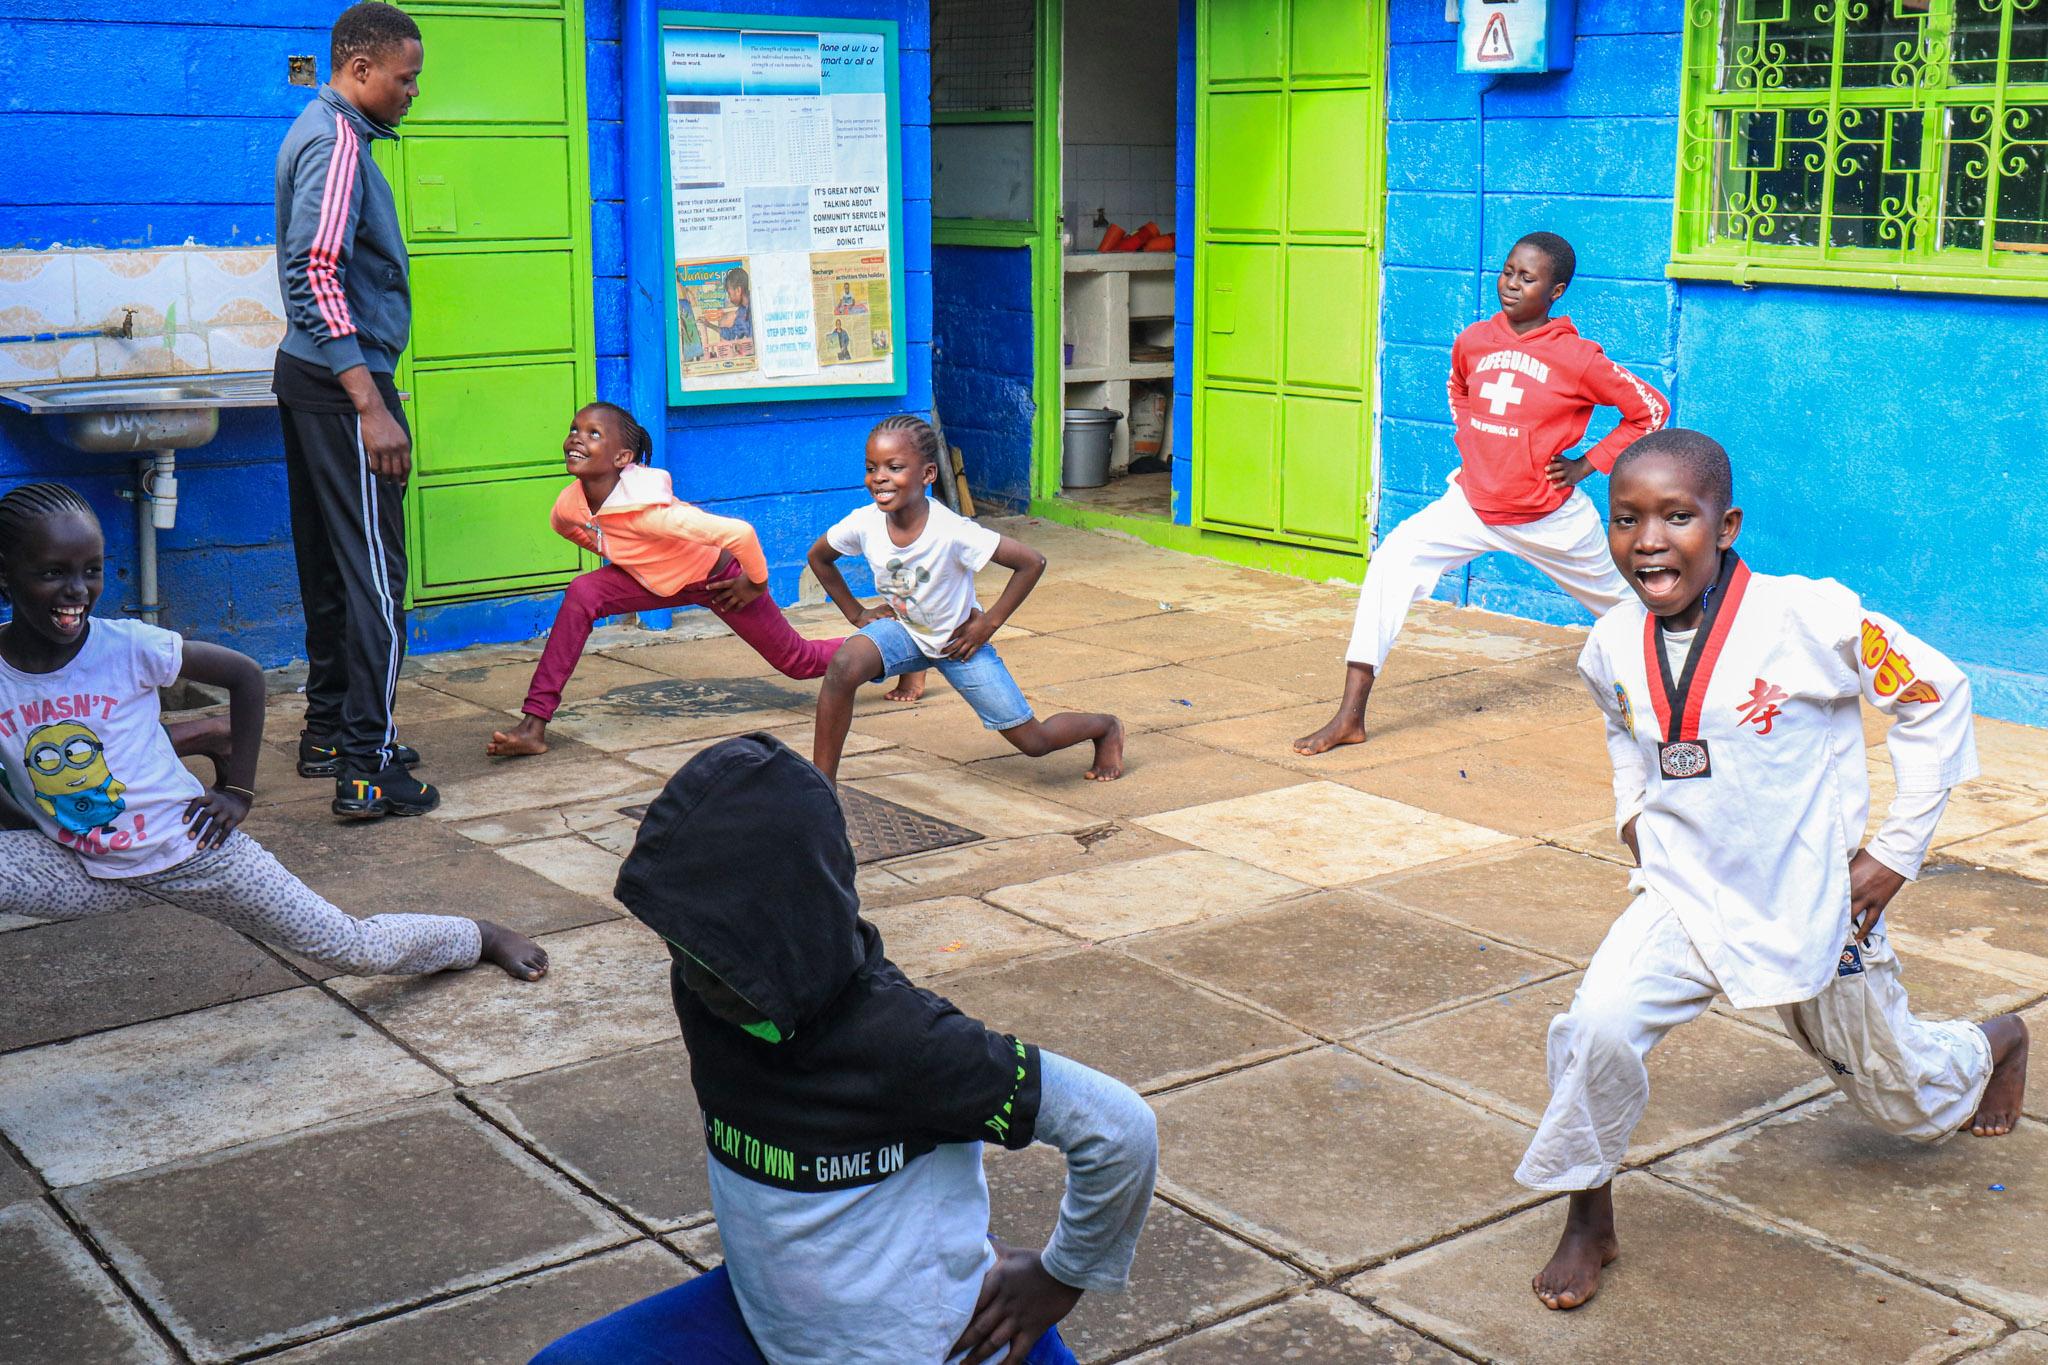 Taekwondo lessons are back